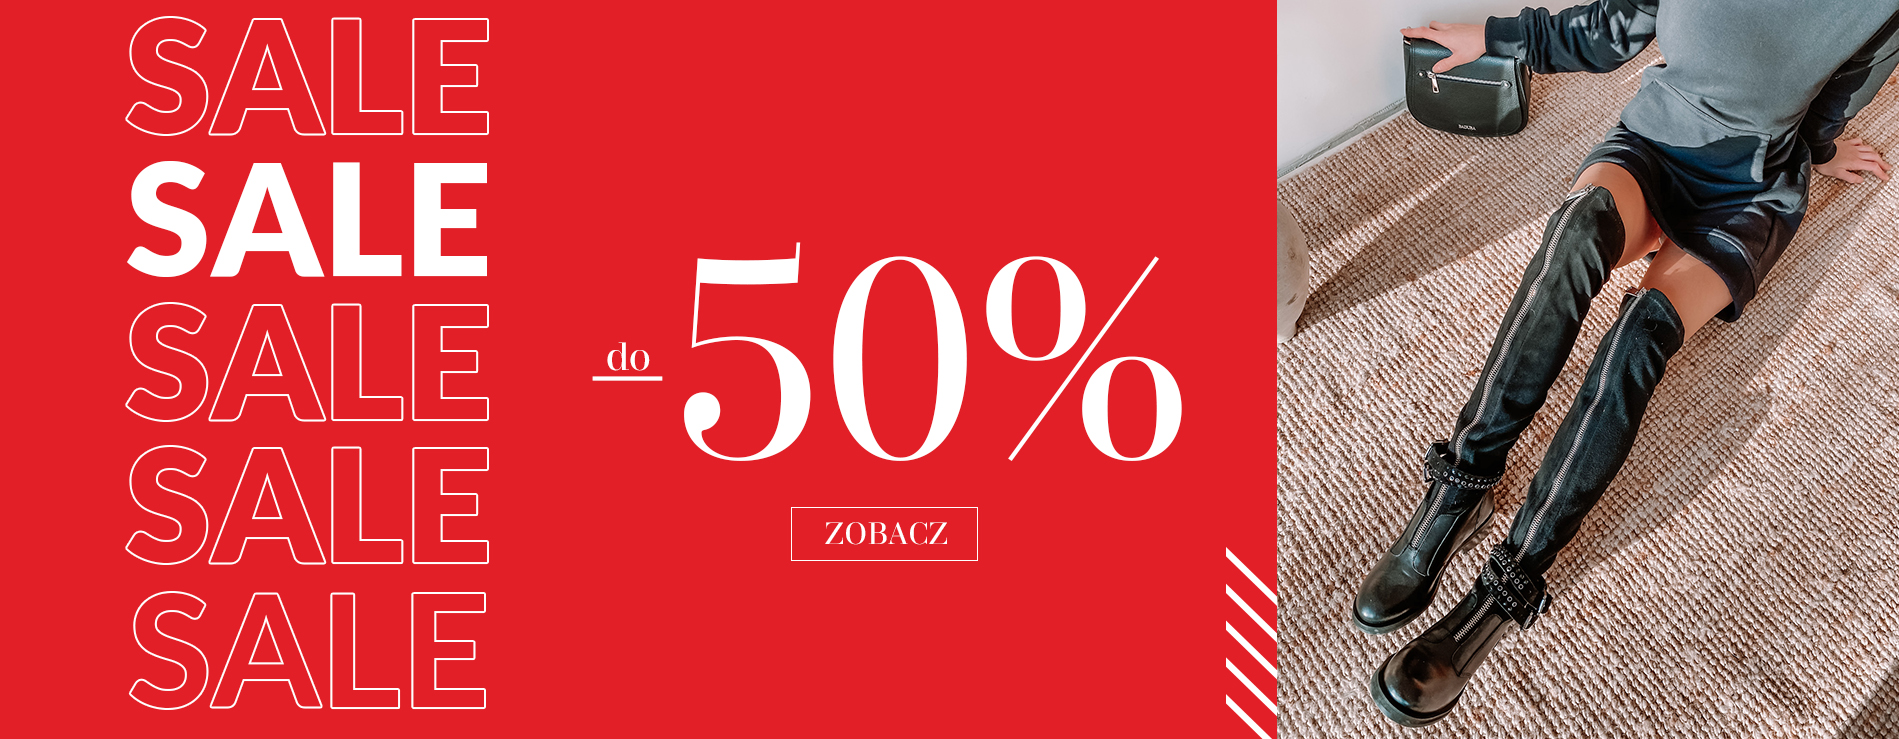 Badura: wyprzedaż do 50% rabatu na modne buty damskie i męskie oraz torebki